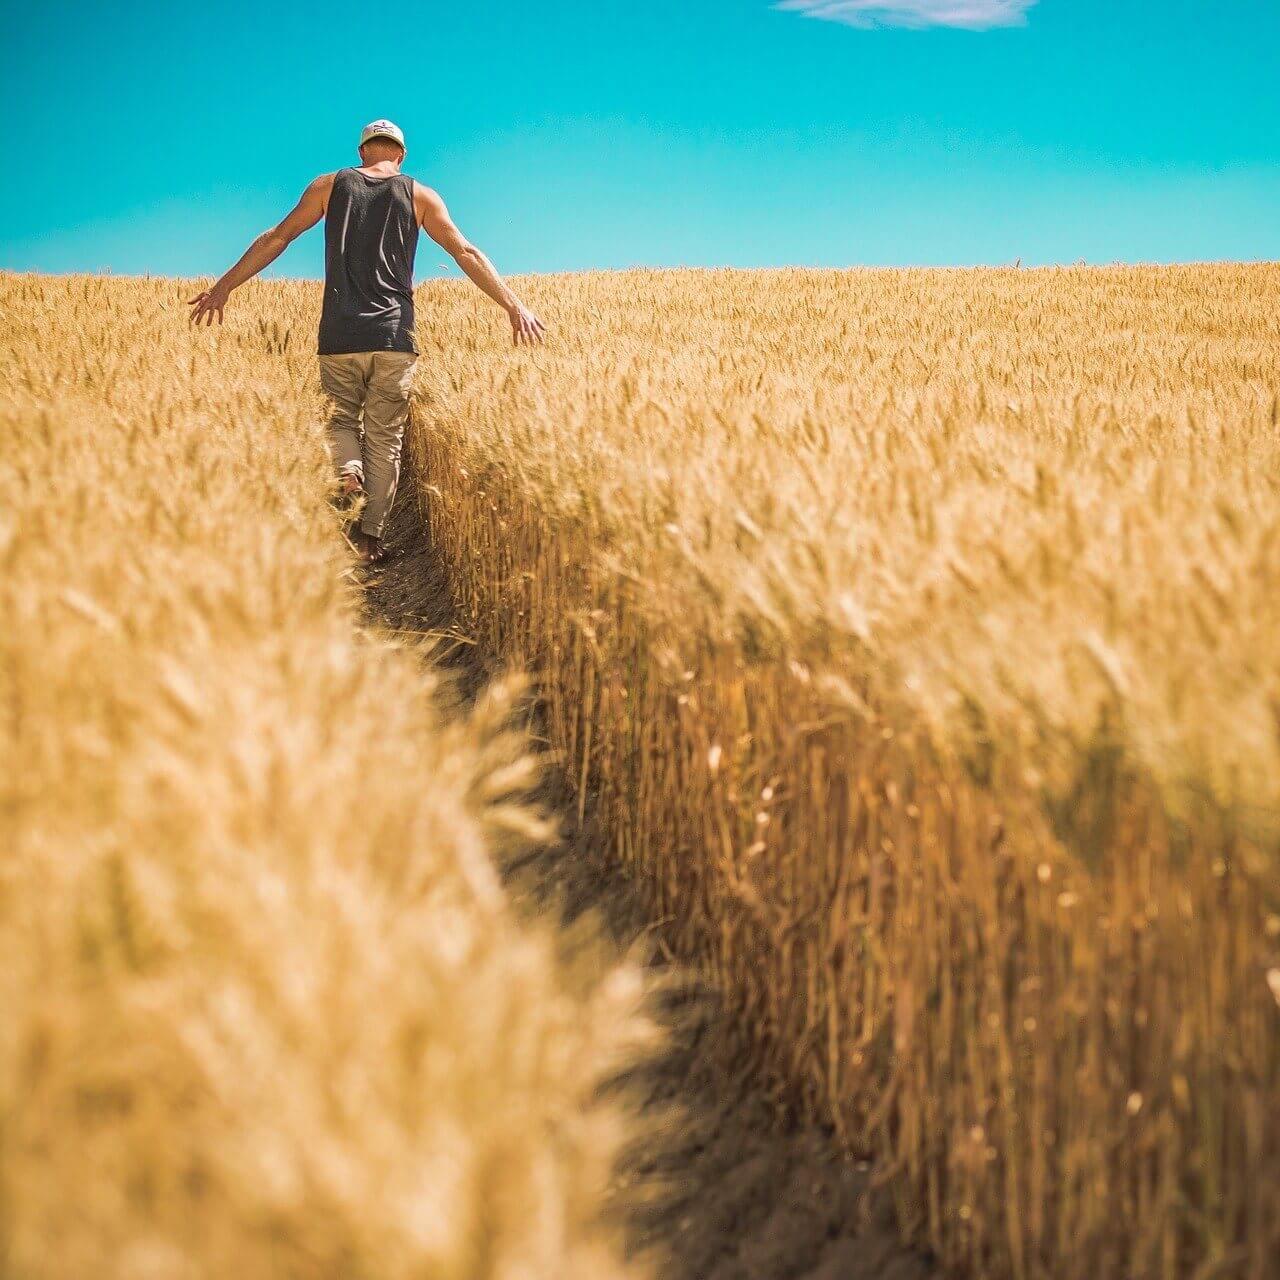 農業補助金とは?就農者の自立・事業拡大を後押しする支援制度の特徴